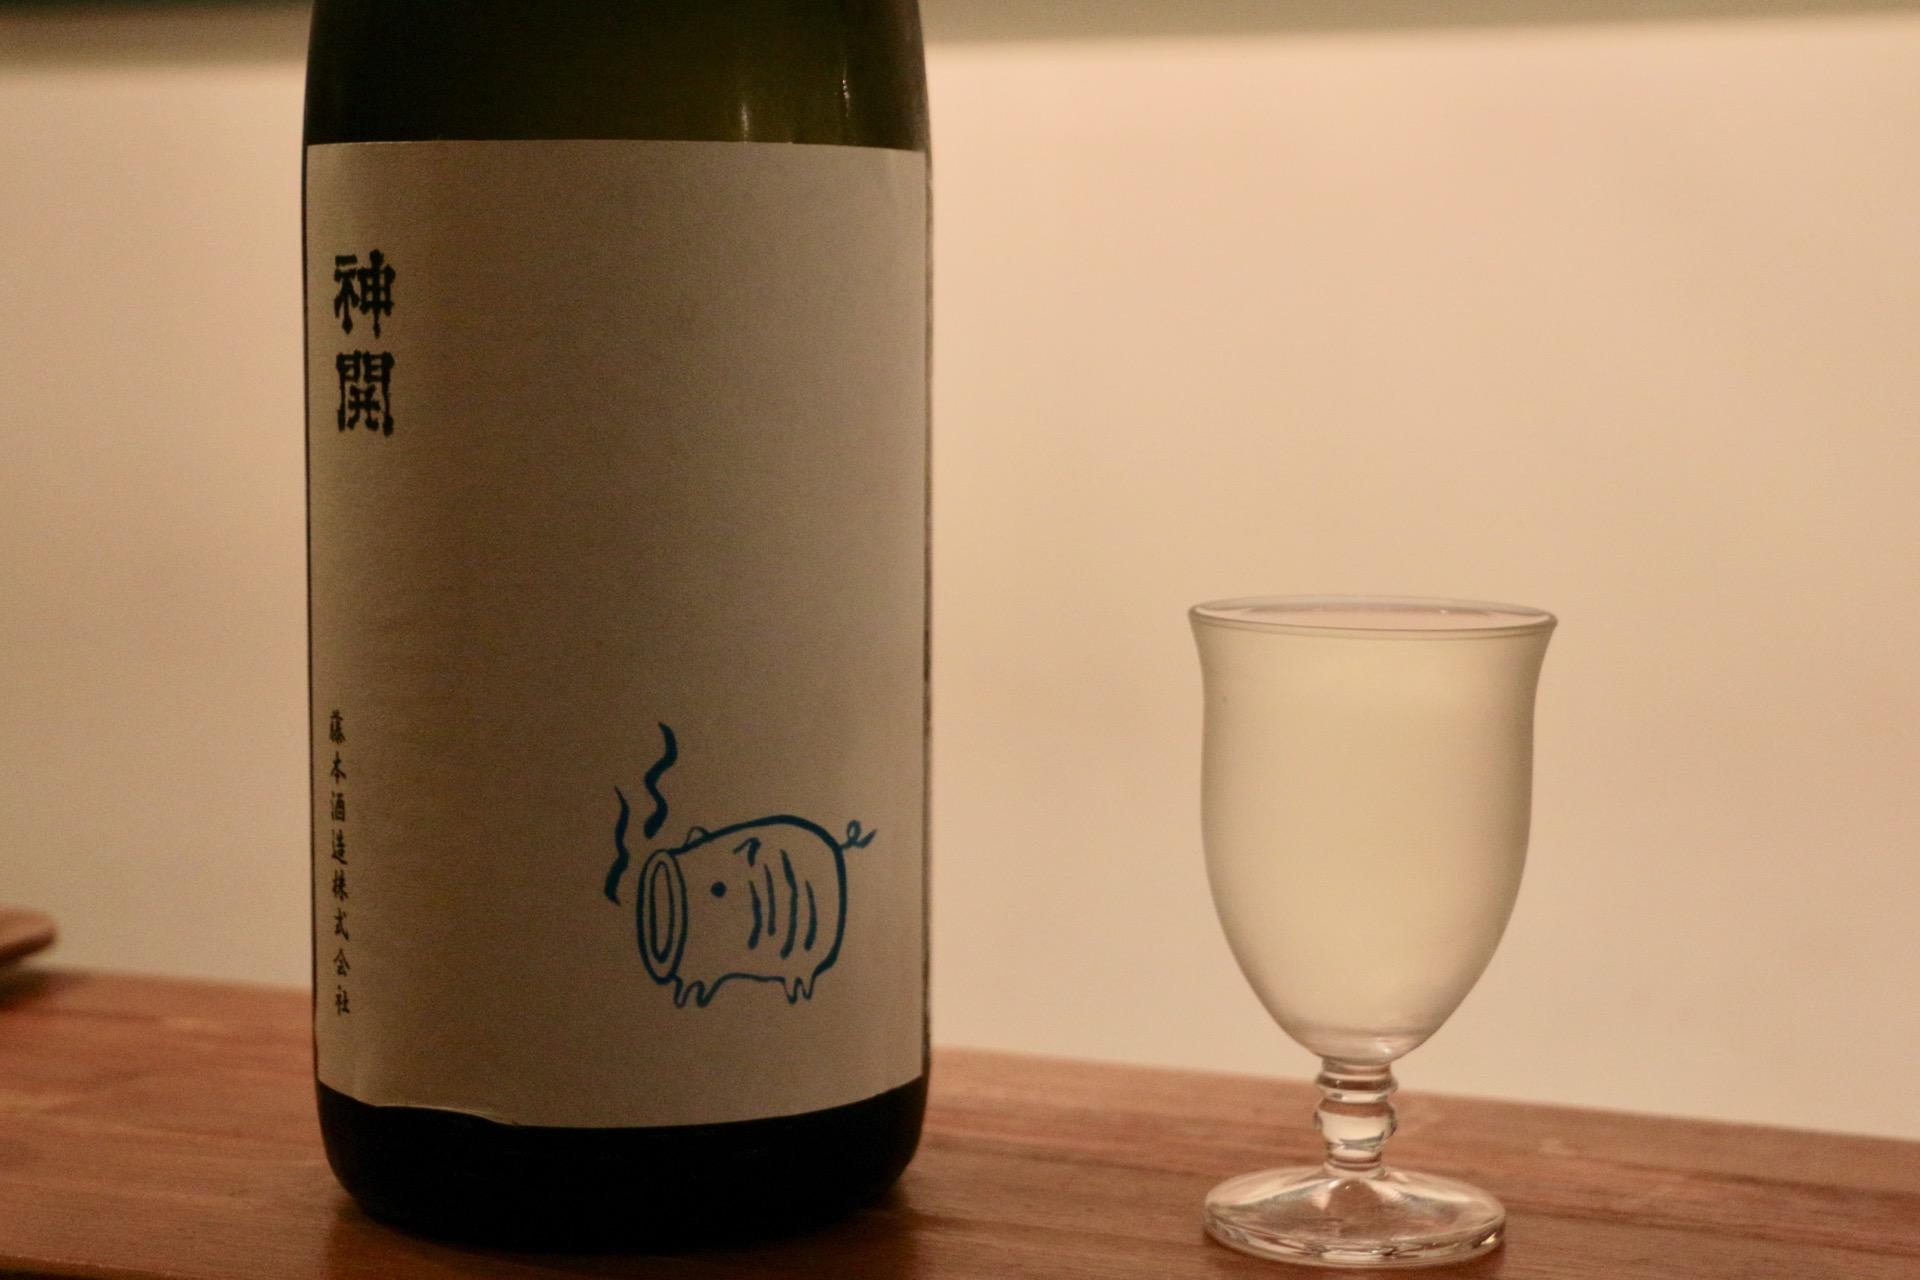 神開 純米 leggero 生|日本酒テイスティングノート